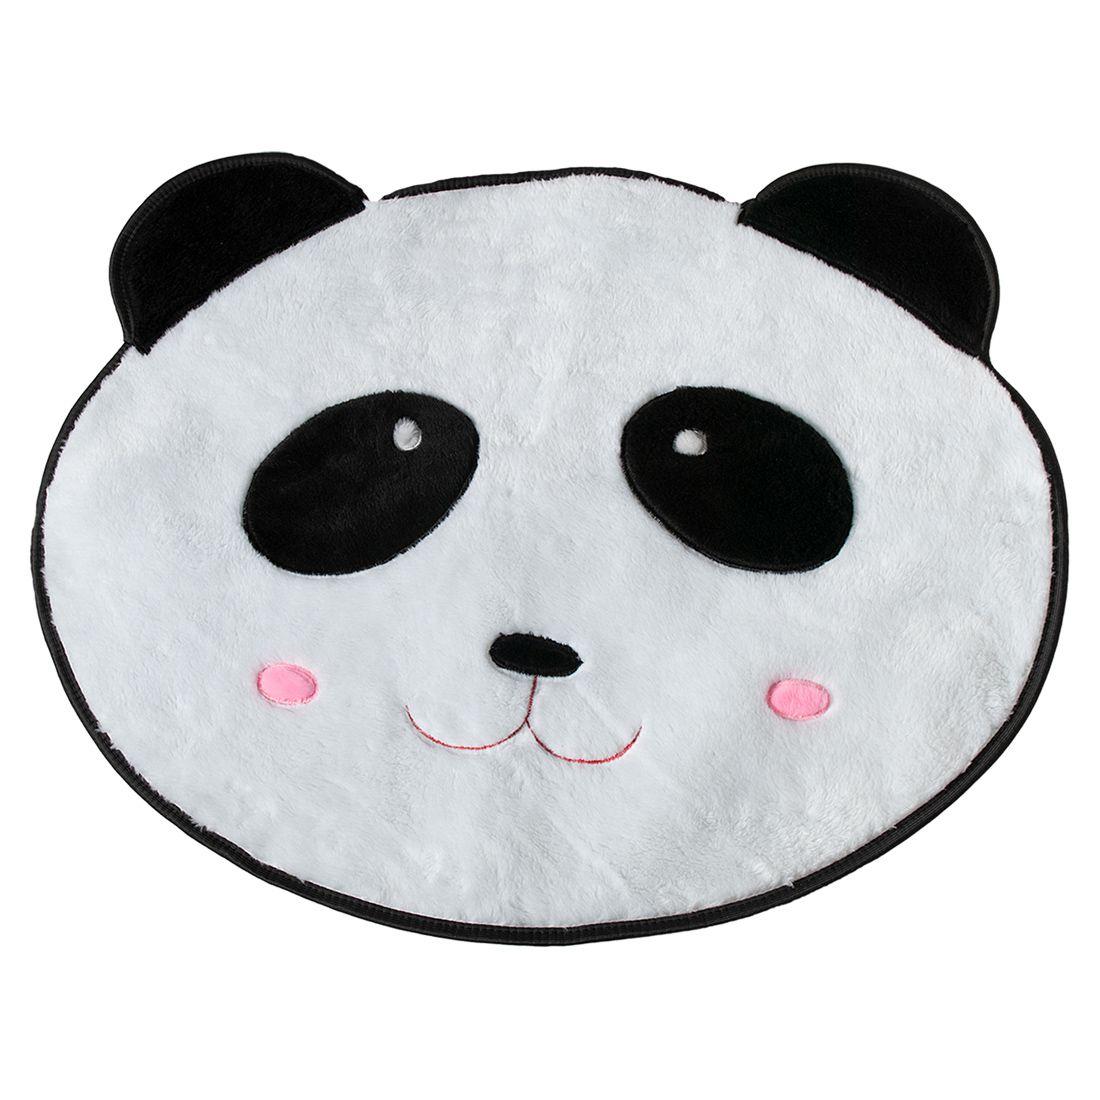 Tapete Infantil Premium Formato Panda Branco/Preto 74cm x 64cm